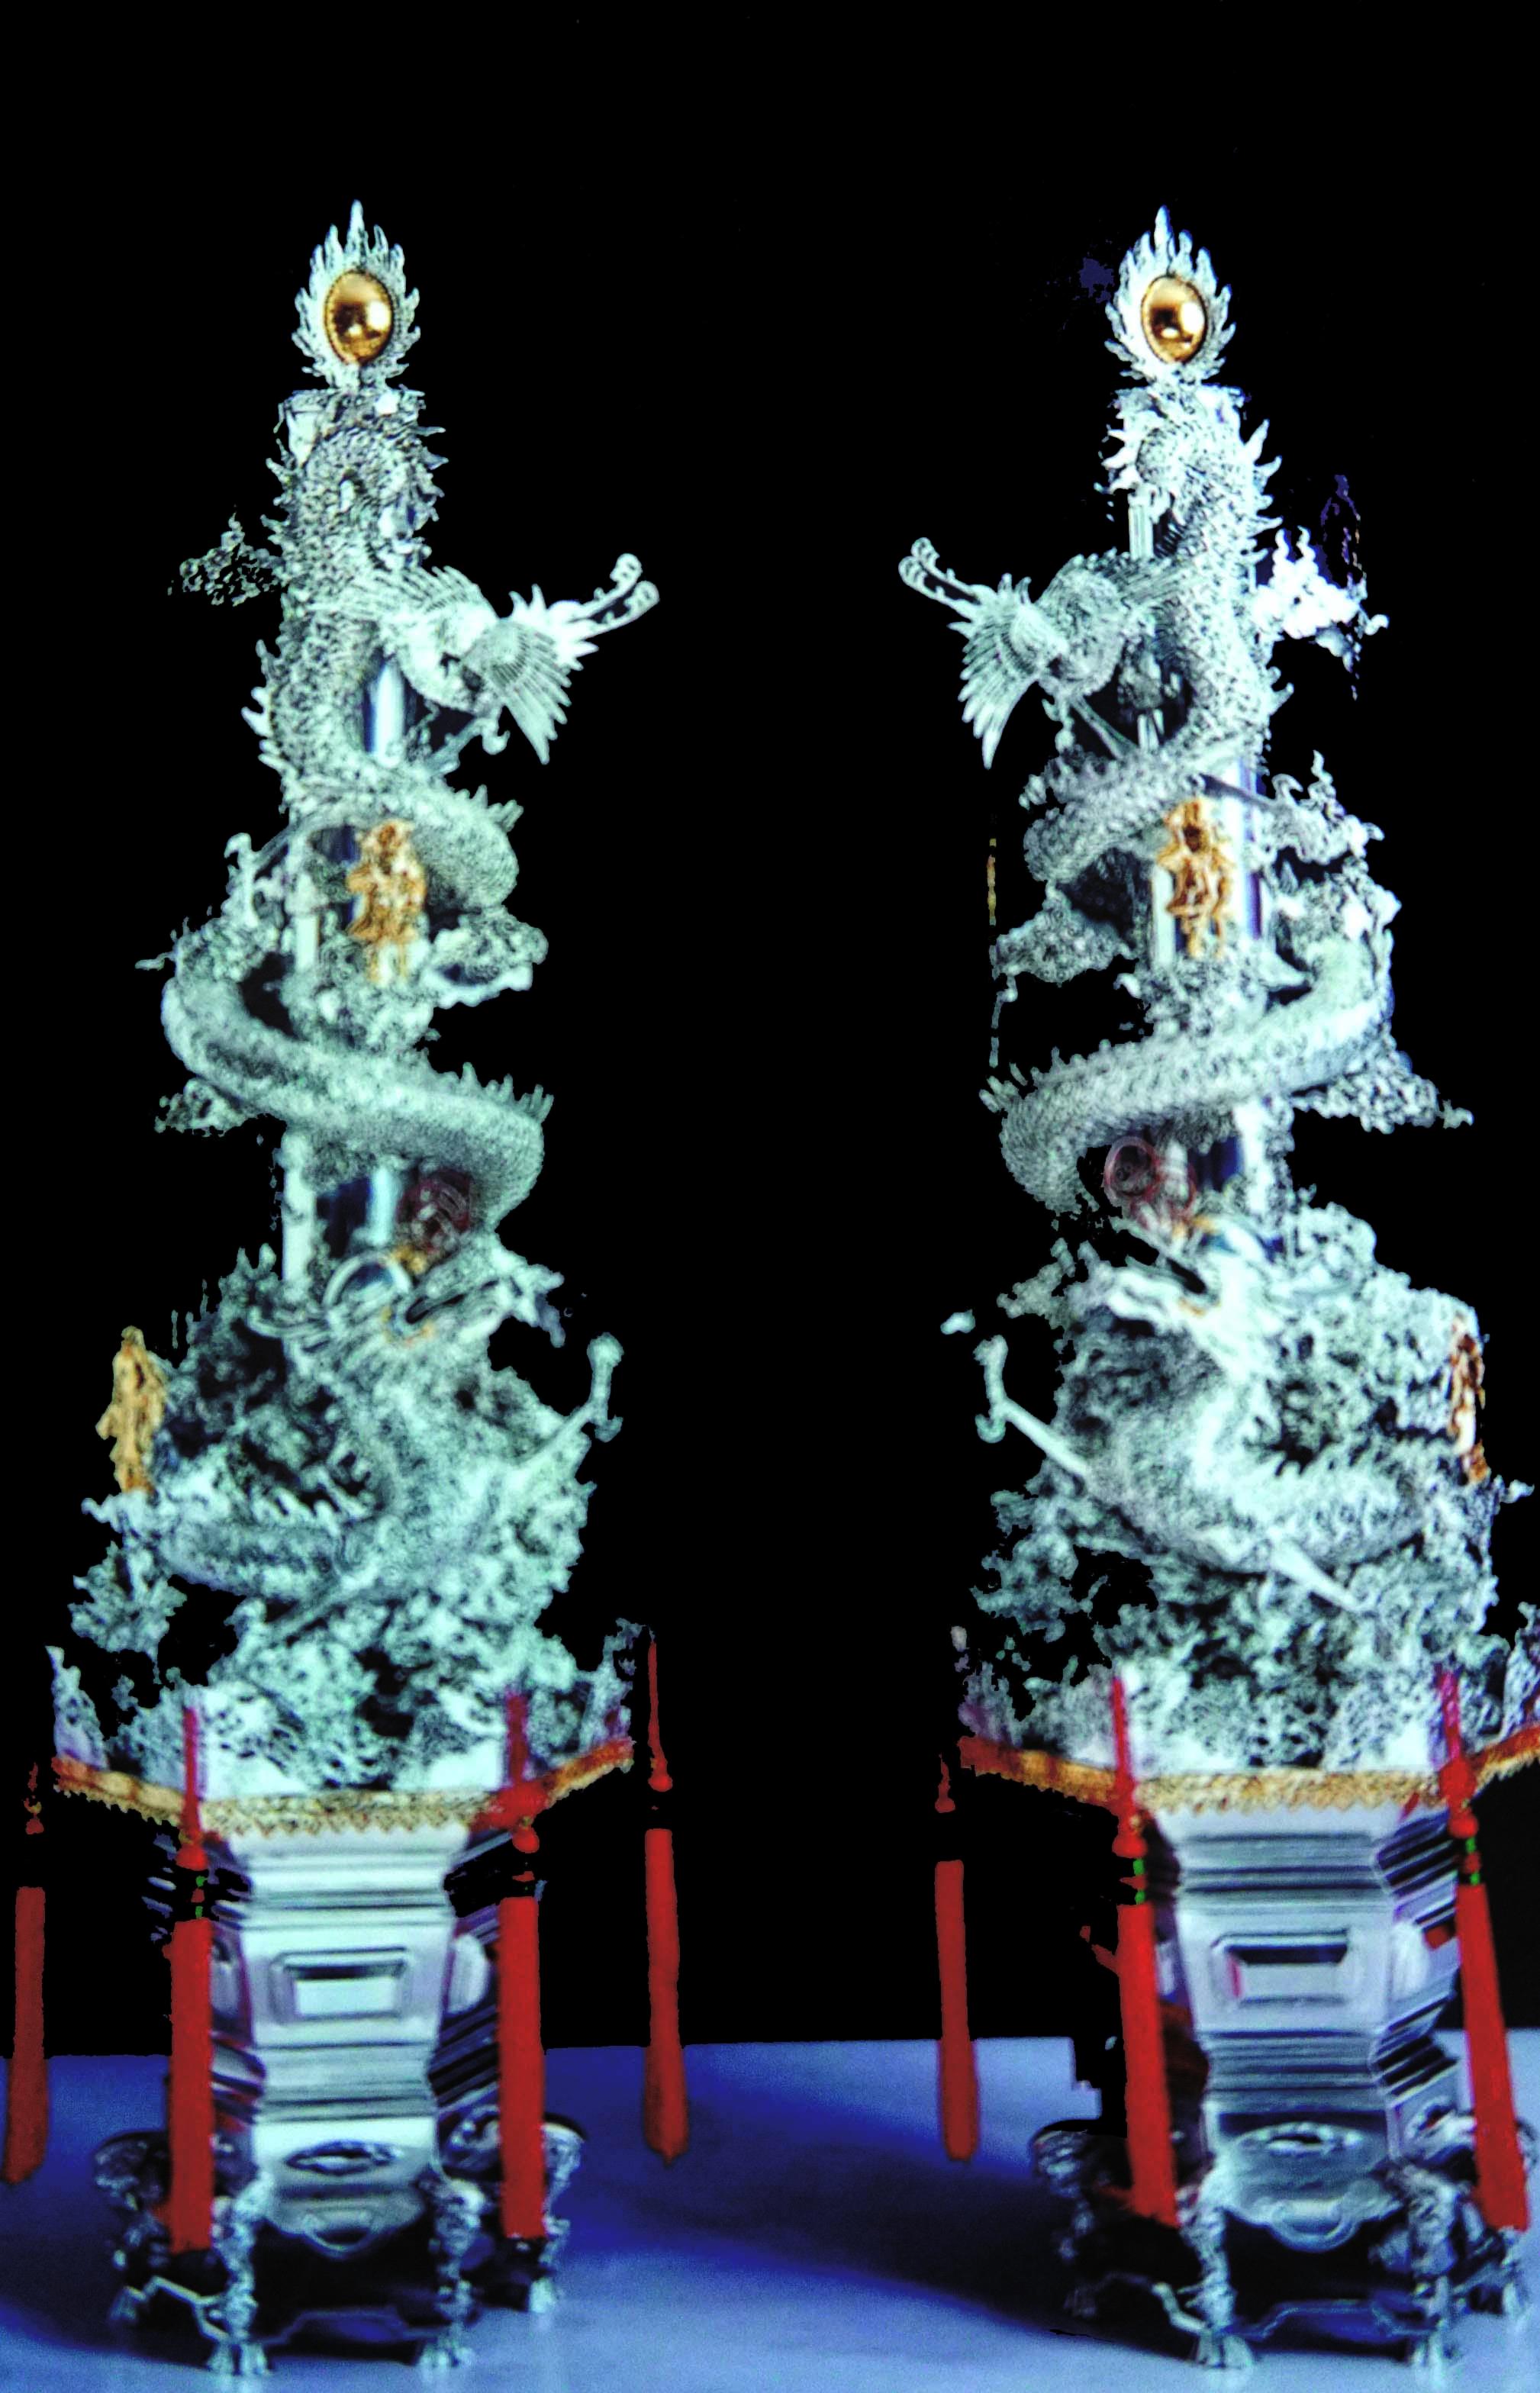 「錫」色澤溫潤、可塑性高,在以前用來作為祭祀用品或是生活器皿。.jpg